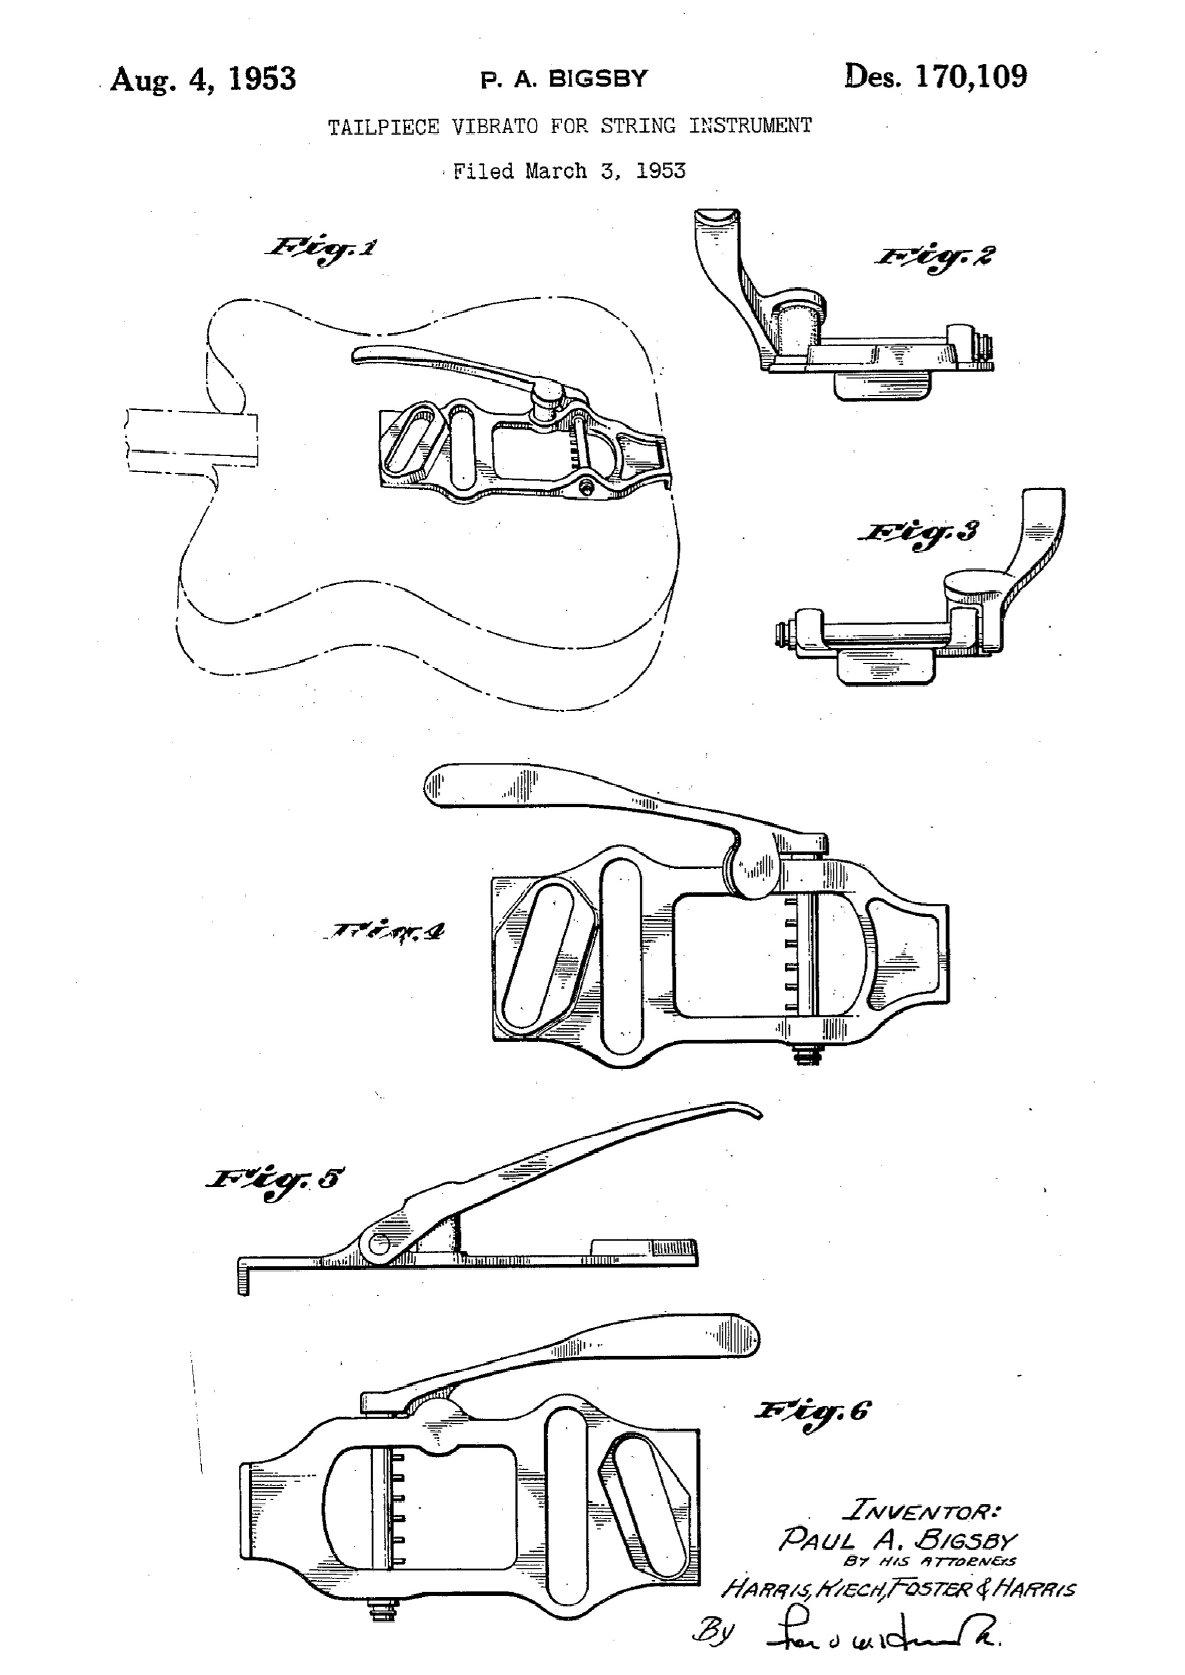 1950s Fender Telecaster